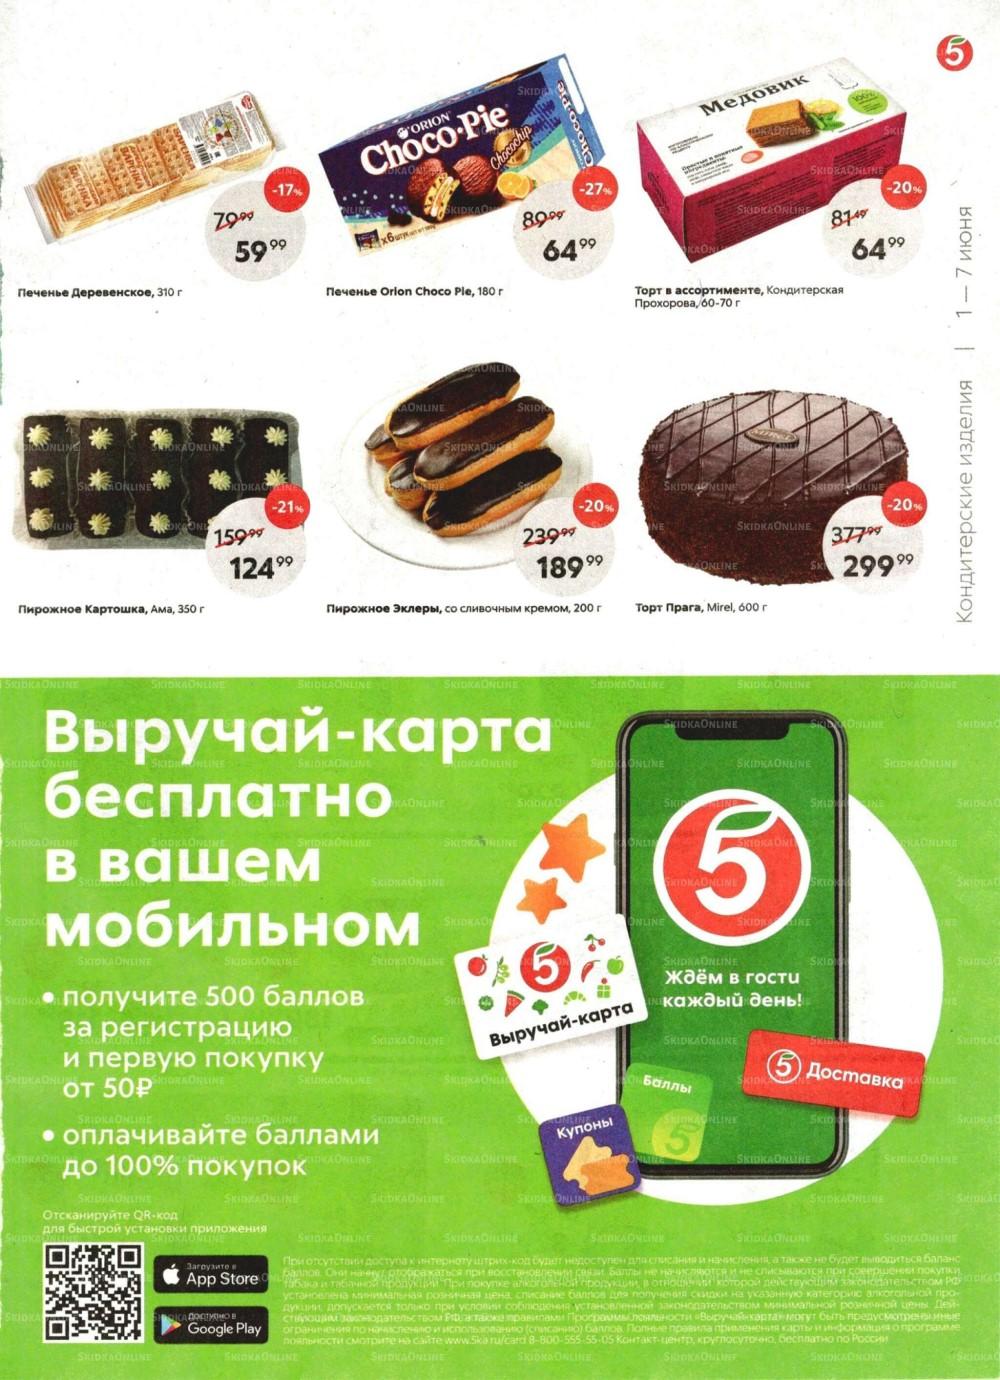 Новый каталог акций в Пятерочке г. Красноярск